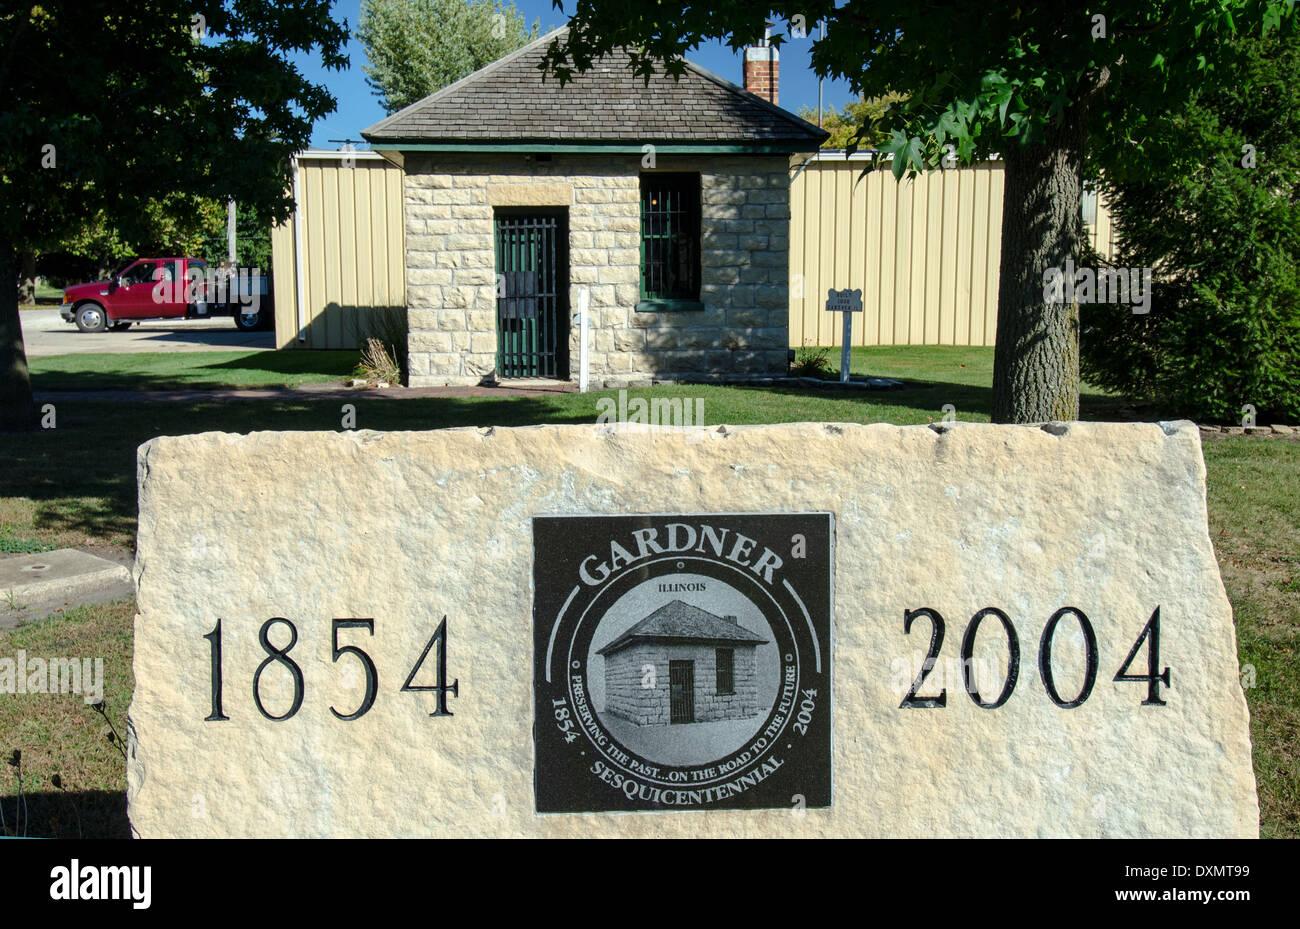 Le Two-Cell Prison, construite en 1906, est une attraction populaire dans la région de Gardner, Illinois, une ville le long de la Route 66. Photo Stock